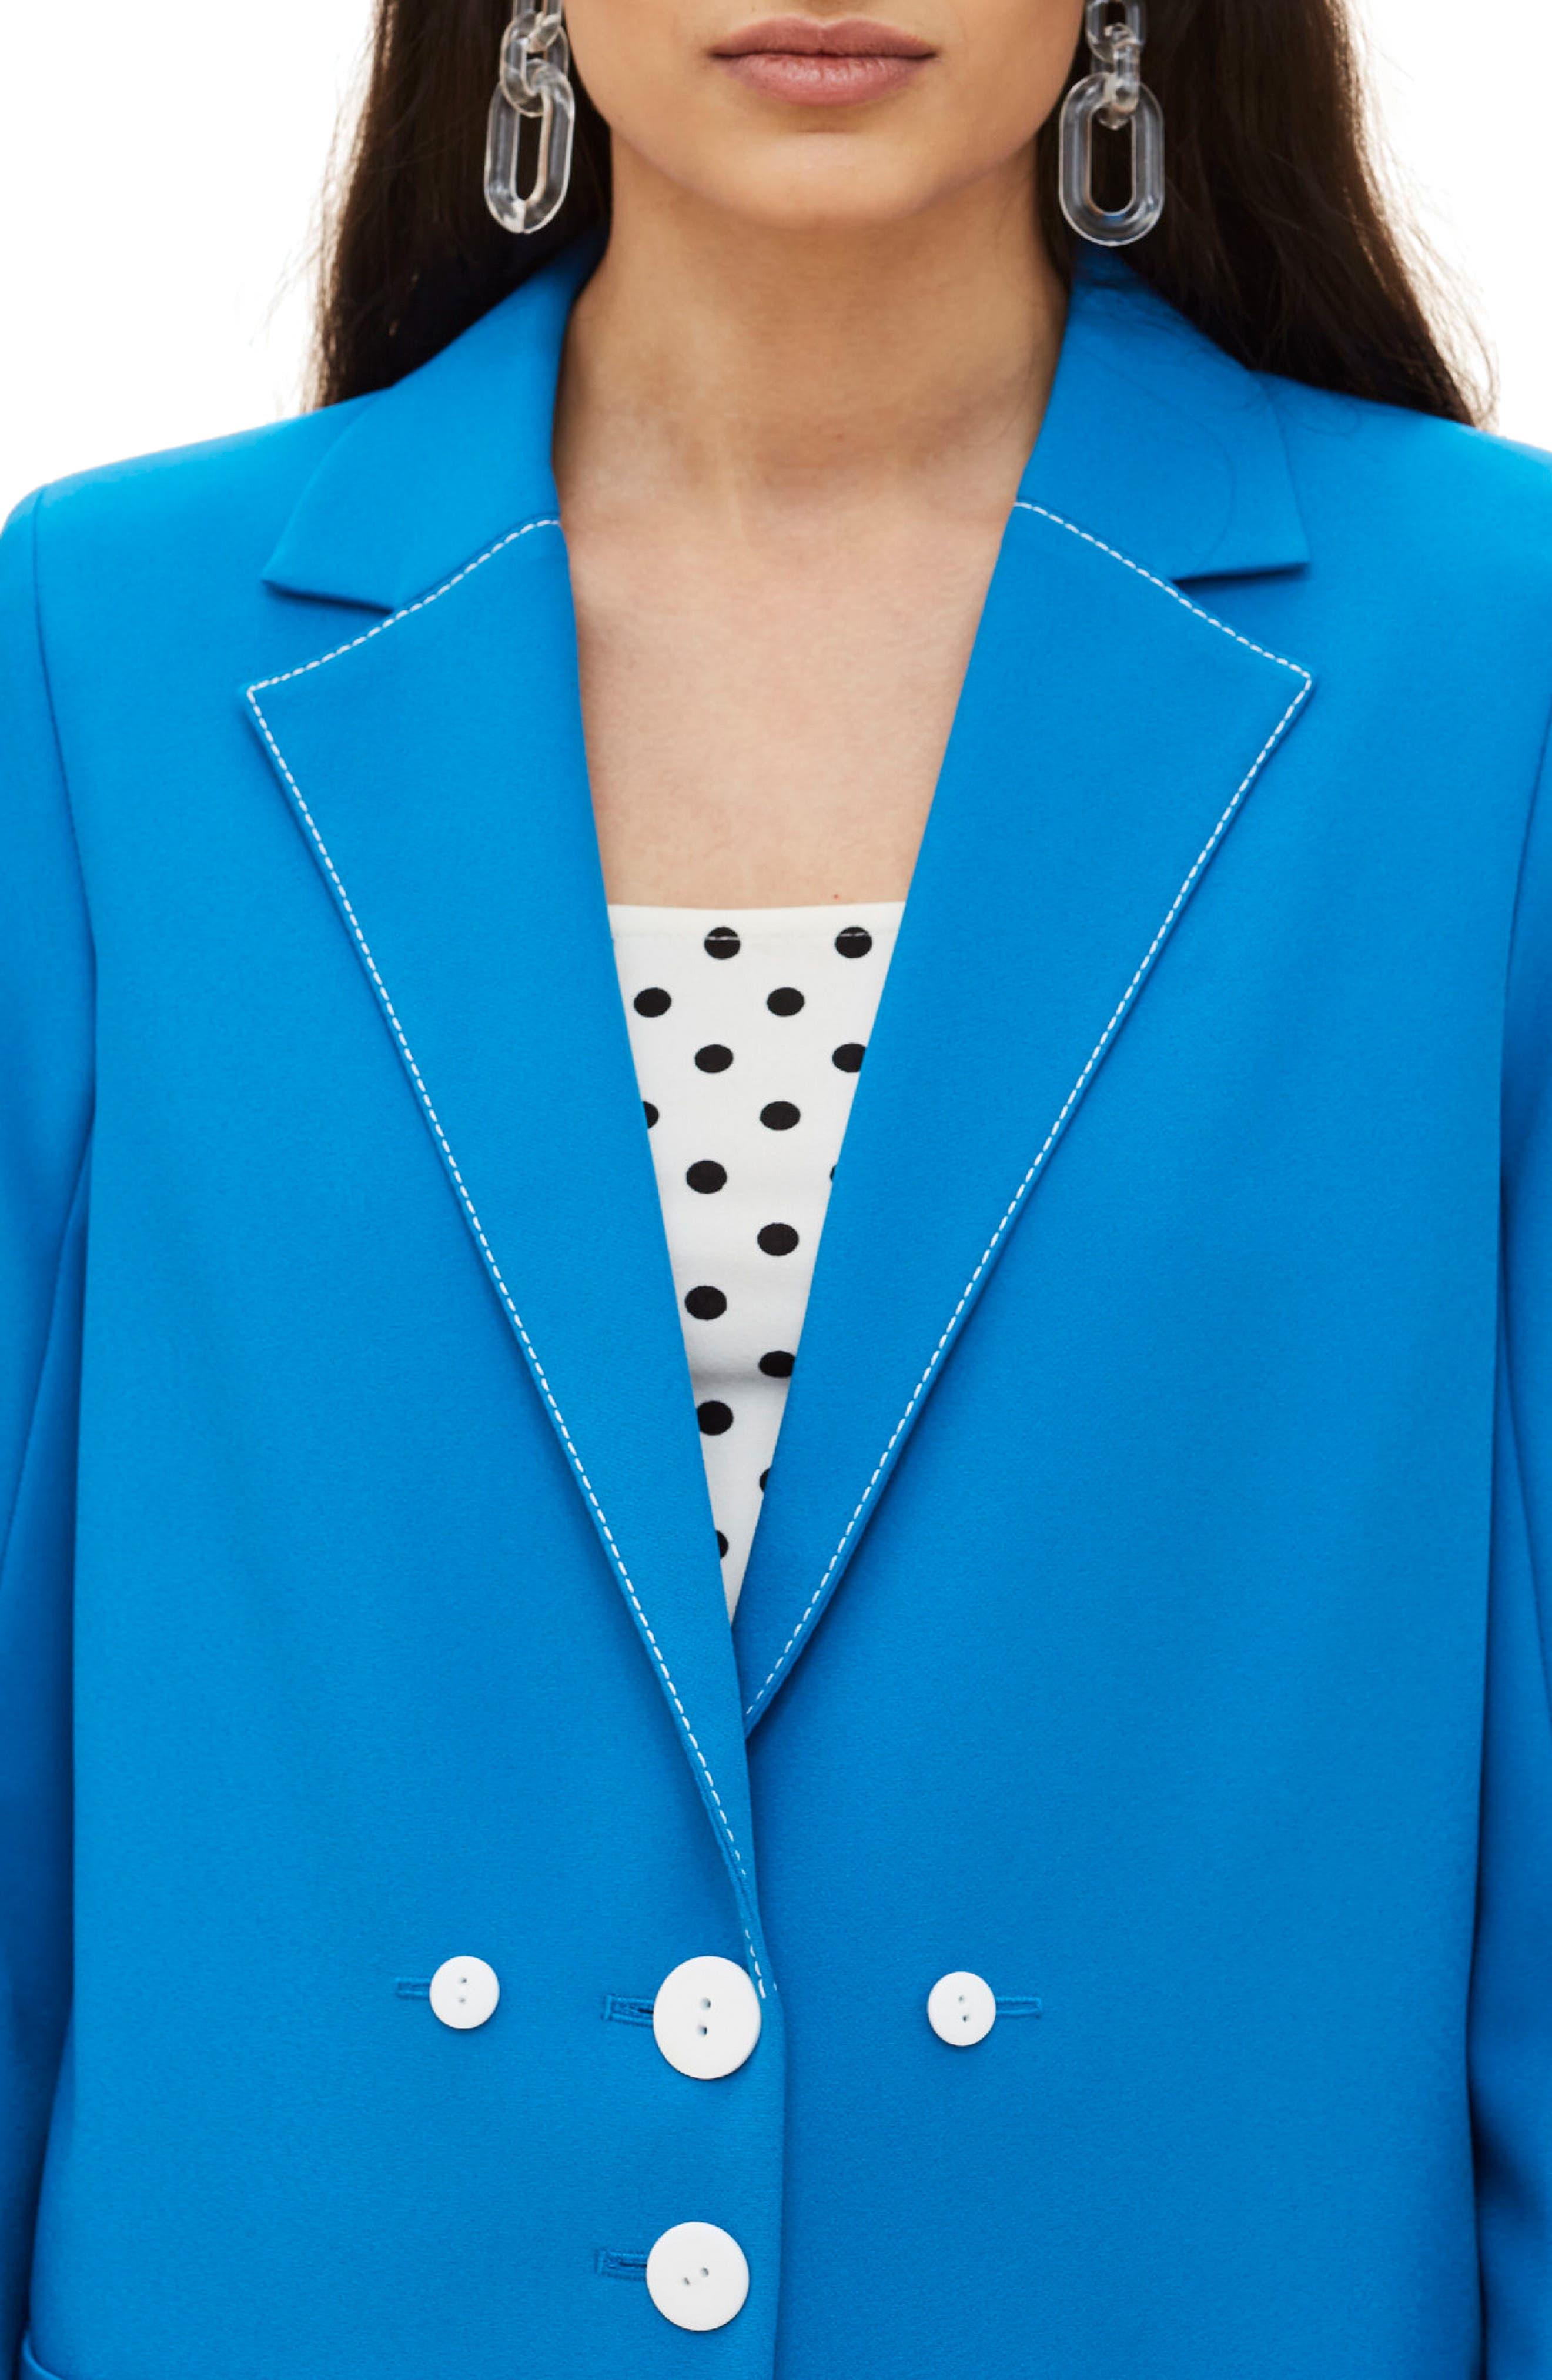 Azure Contrast Stitch Suit Jacket,                             Alternate thumbnail 3, color,                             Bright Blue